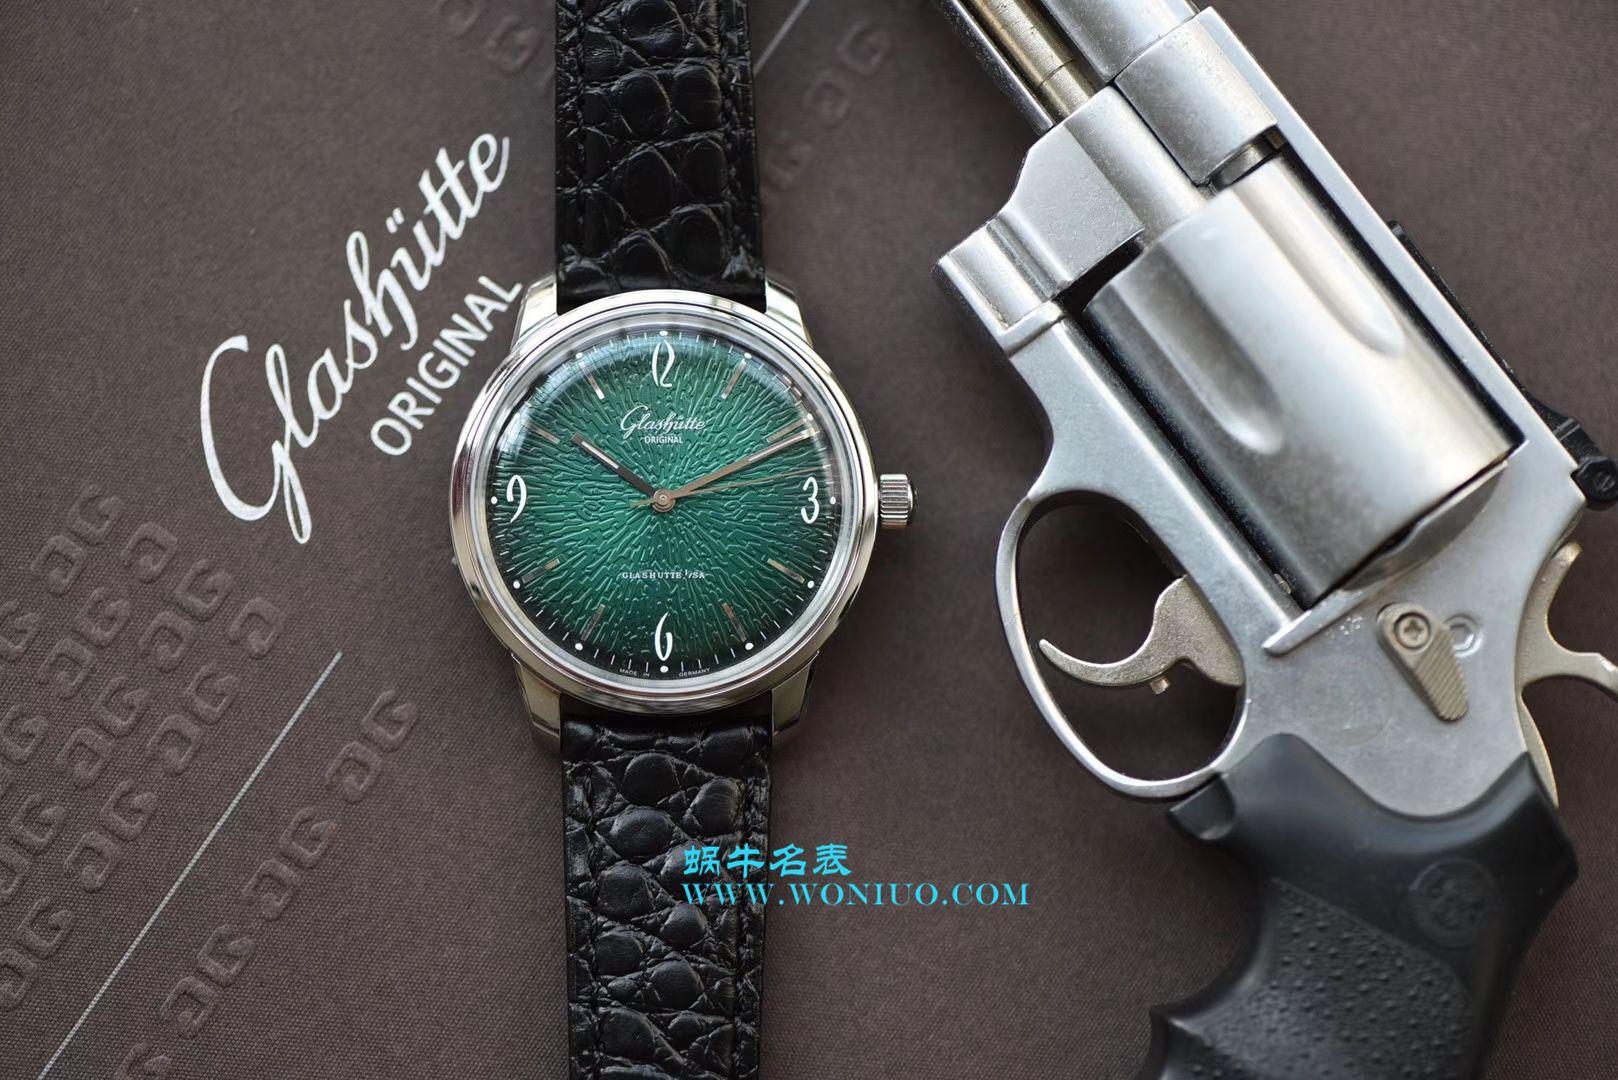 【YL一比一超A高仿手表】格拉苏蒂原创复古系列1-39-52-03-02-04腕表 / GLA052